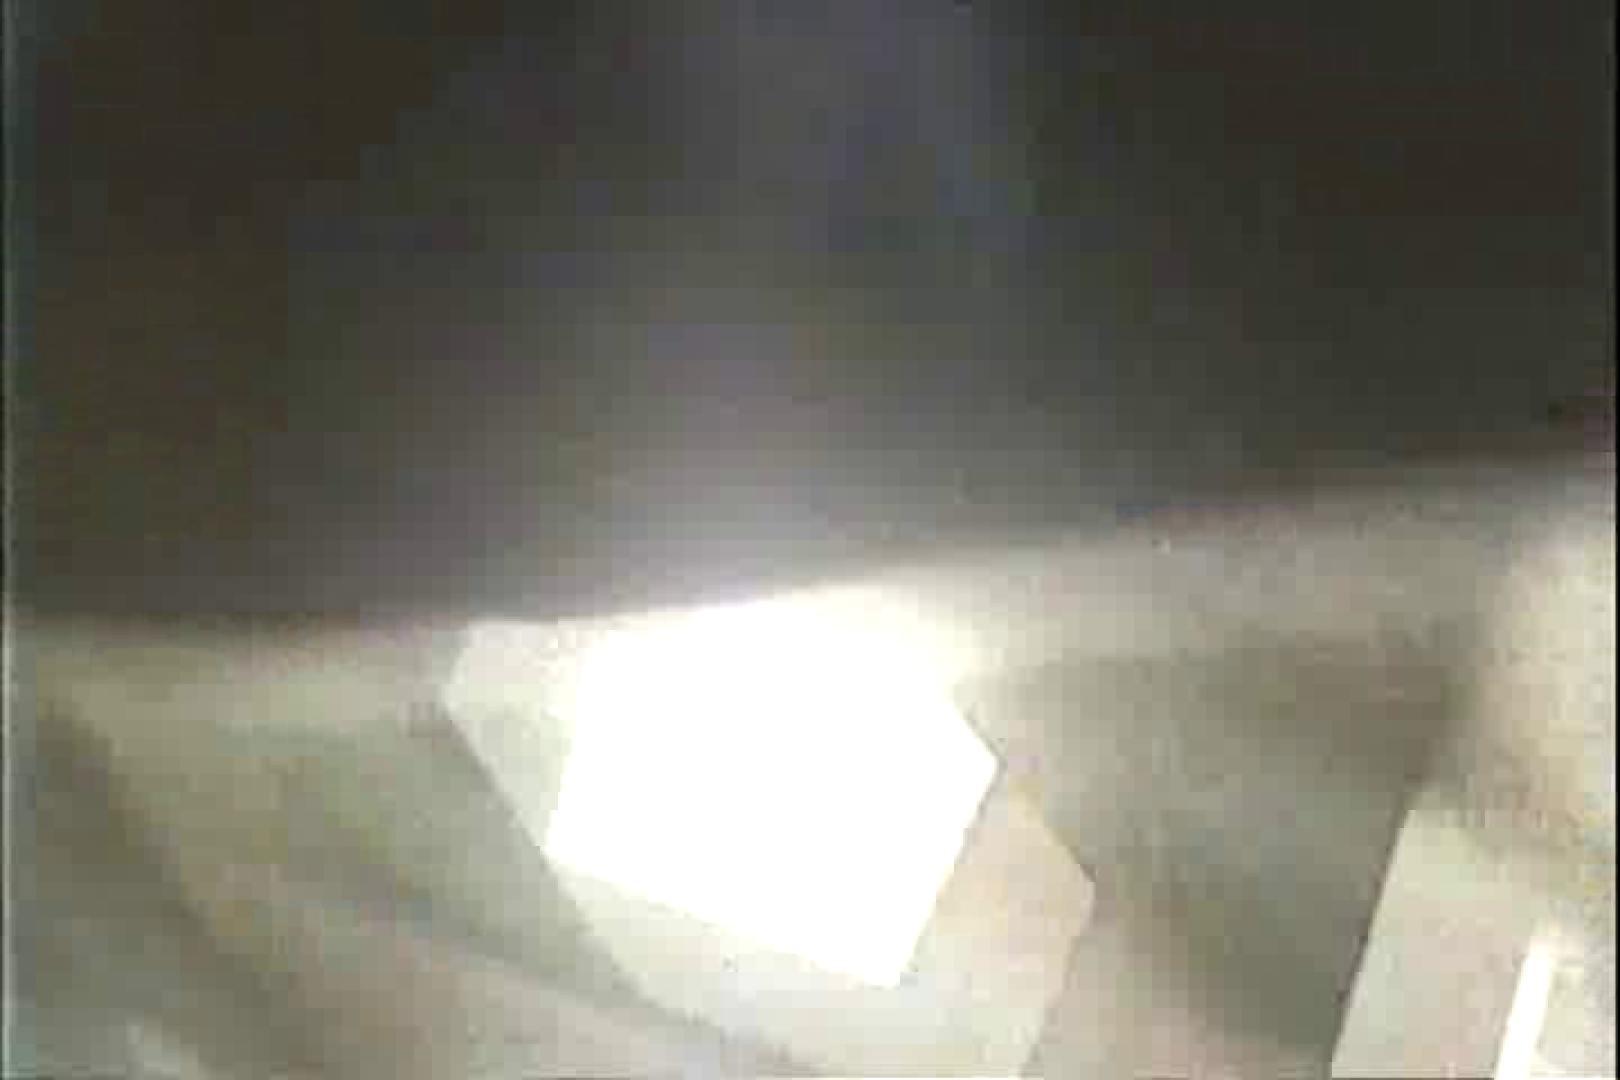 「ちくりん」さんのオリジナル未編集パンチラVol.3_01 OLエロ画像  63PICs 12